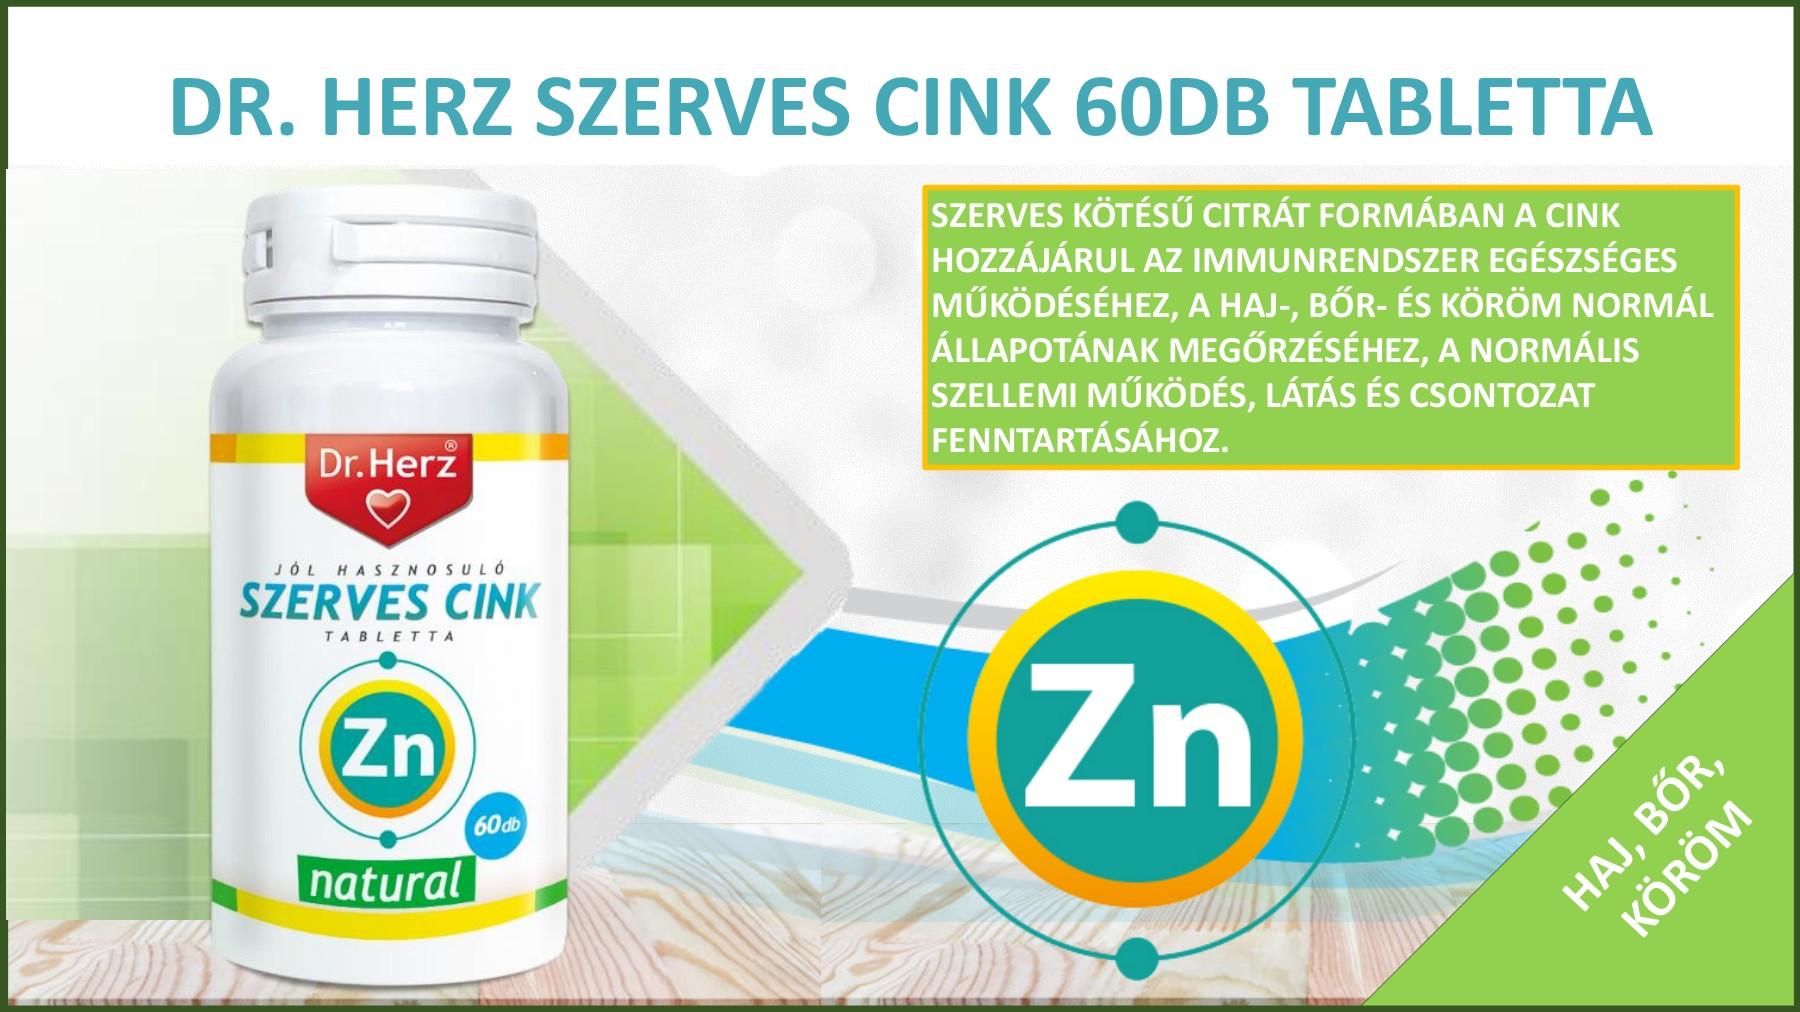 vitaminok a látási tabletták javítására)